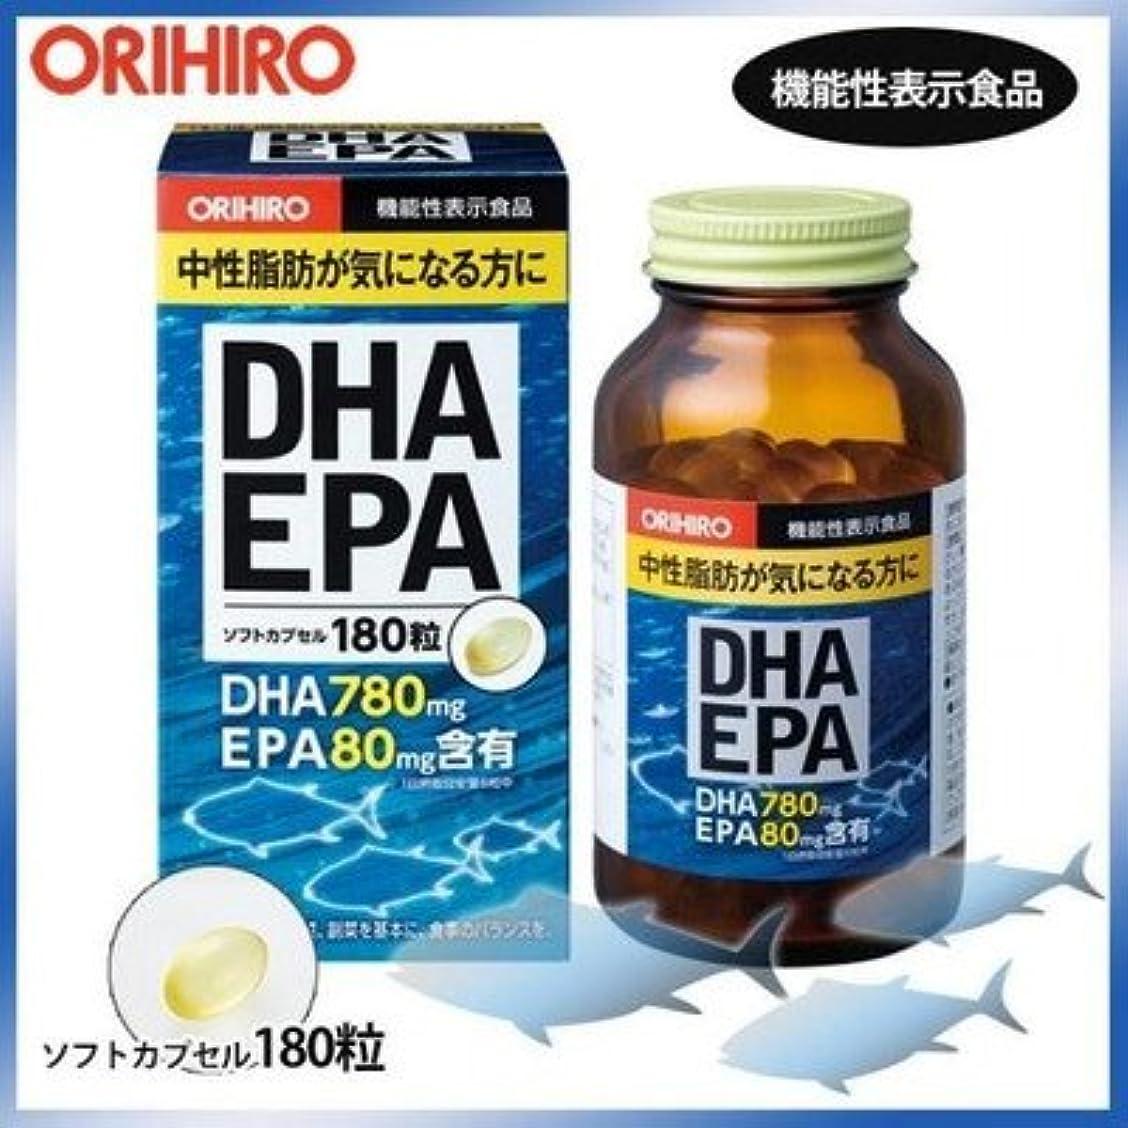 落とし穴なしで列挙するオリヒロ 機能性表示食品 DHA&EPA ソフトカプセル 180粒(1粒511mg/内容液357mg) 60208210